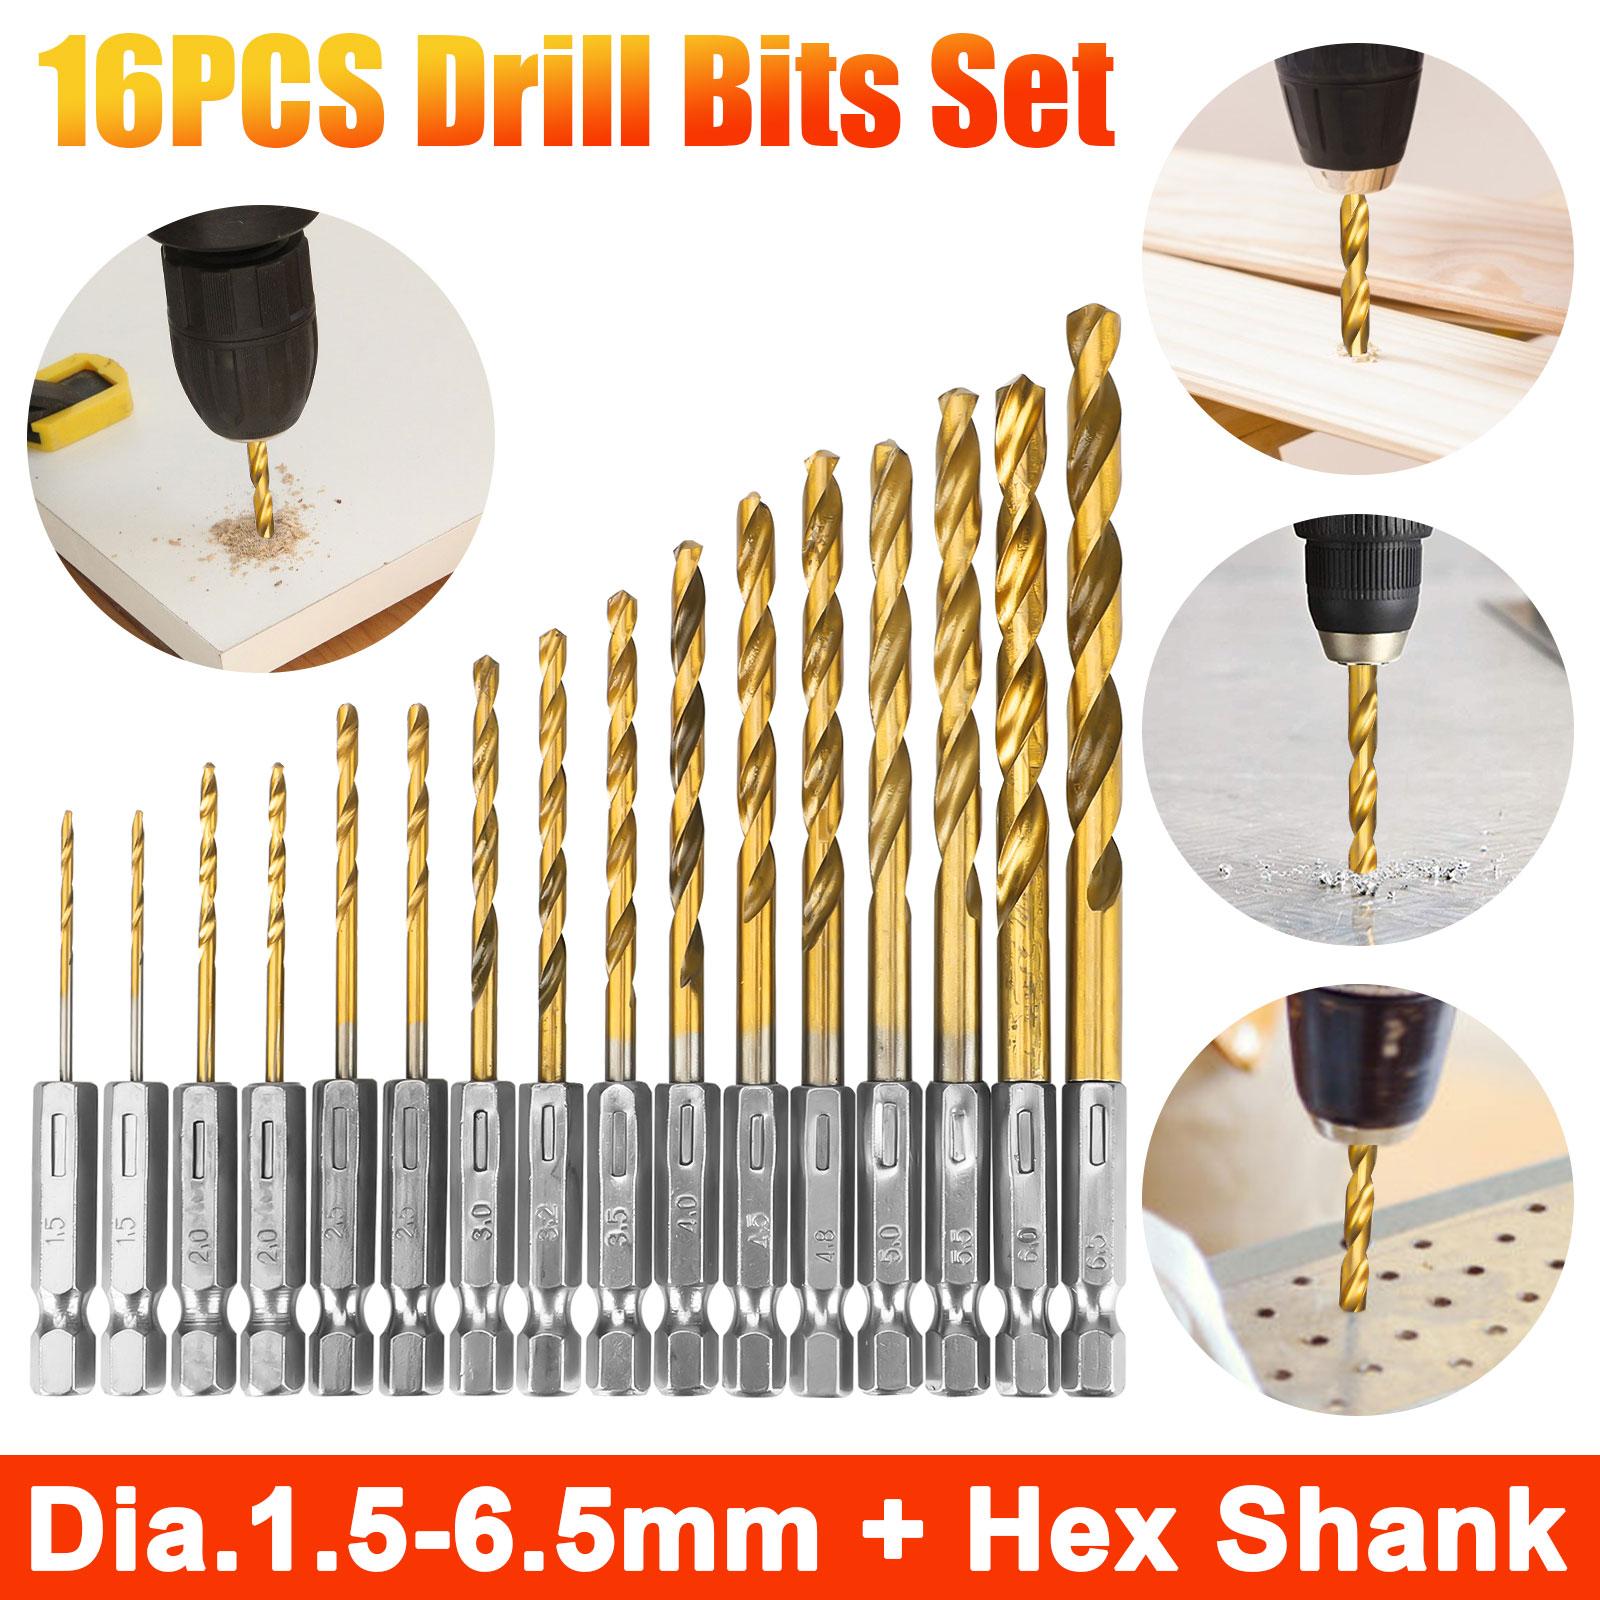 6mm Drilling Dia 2 Flutes HSS 1//4-inch Hex Shank Twist Drill Bit 3pcs